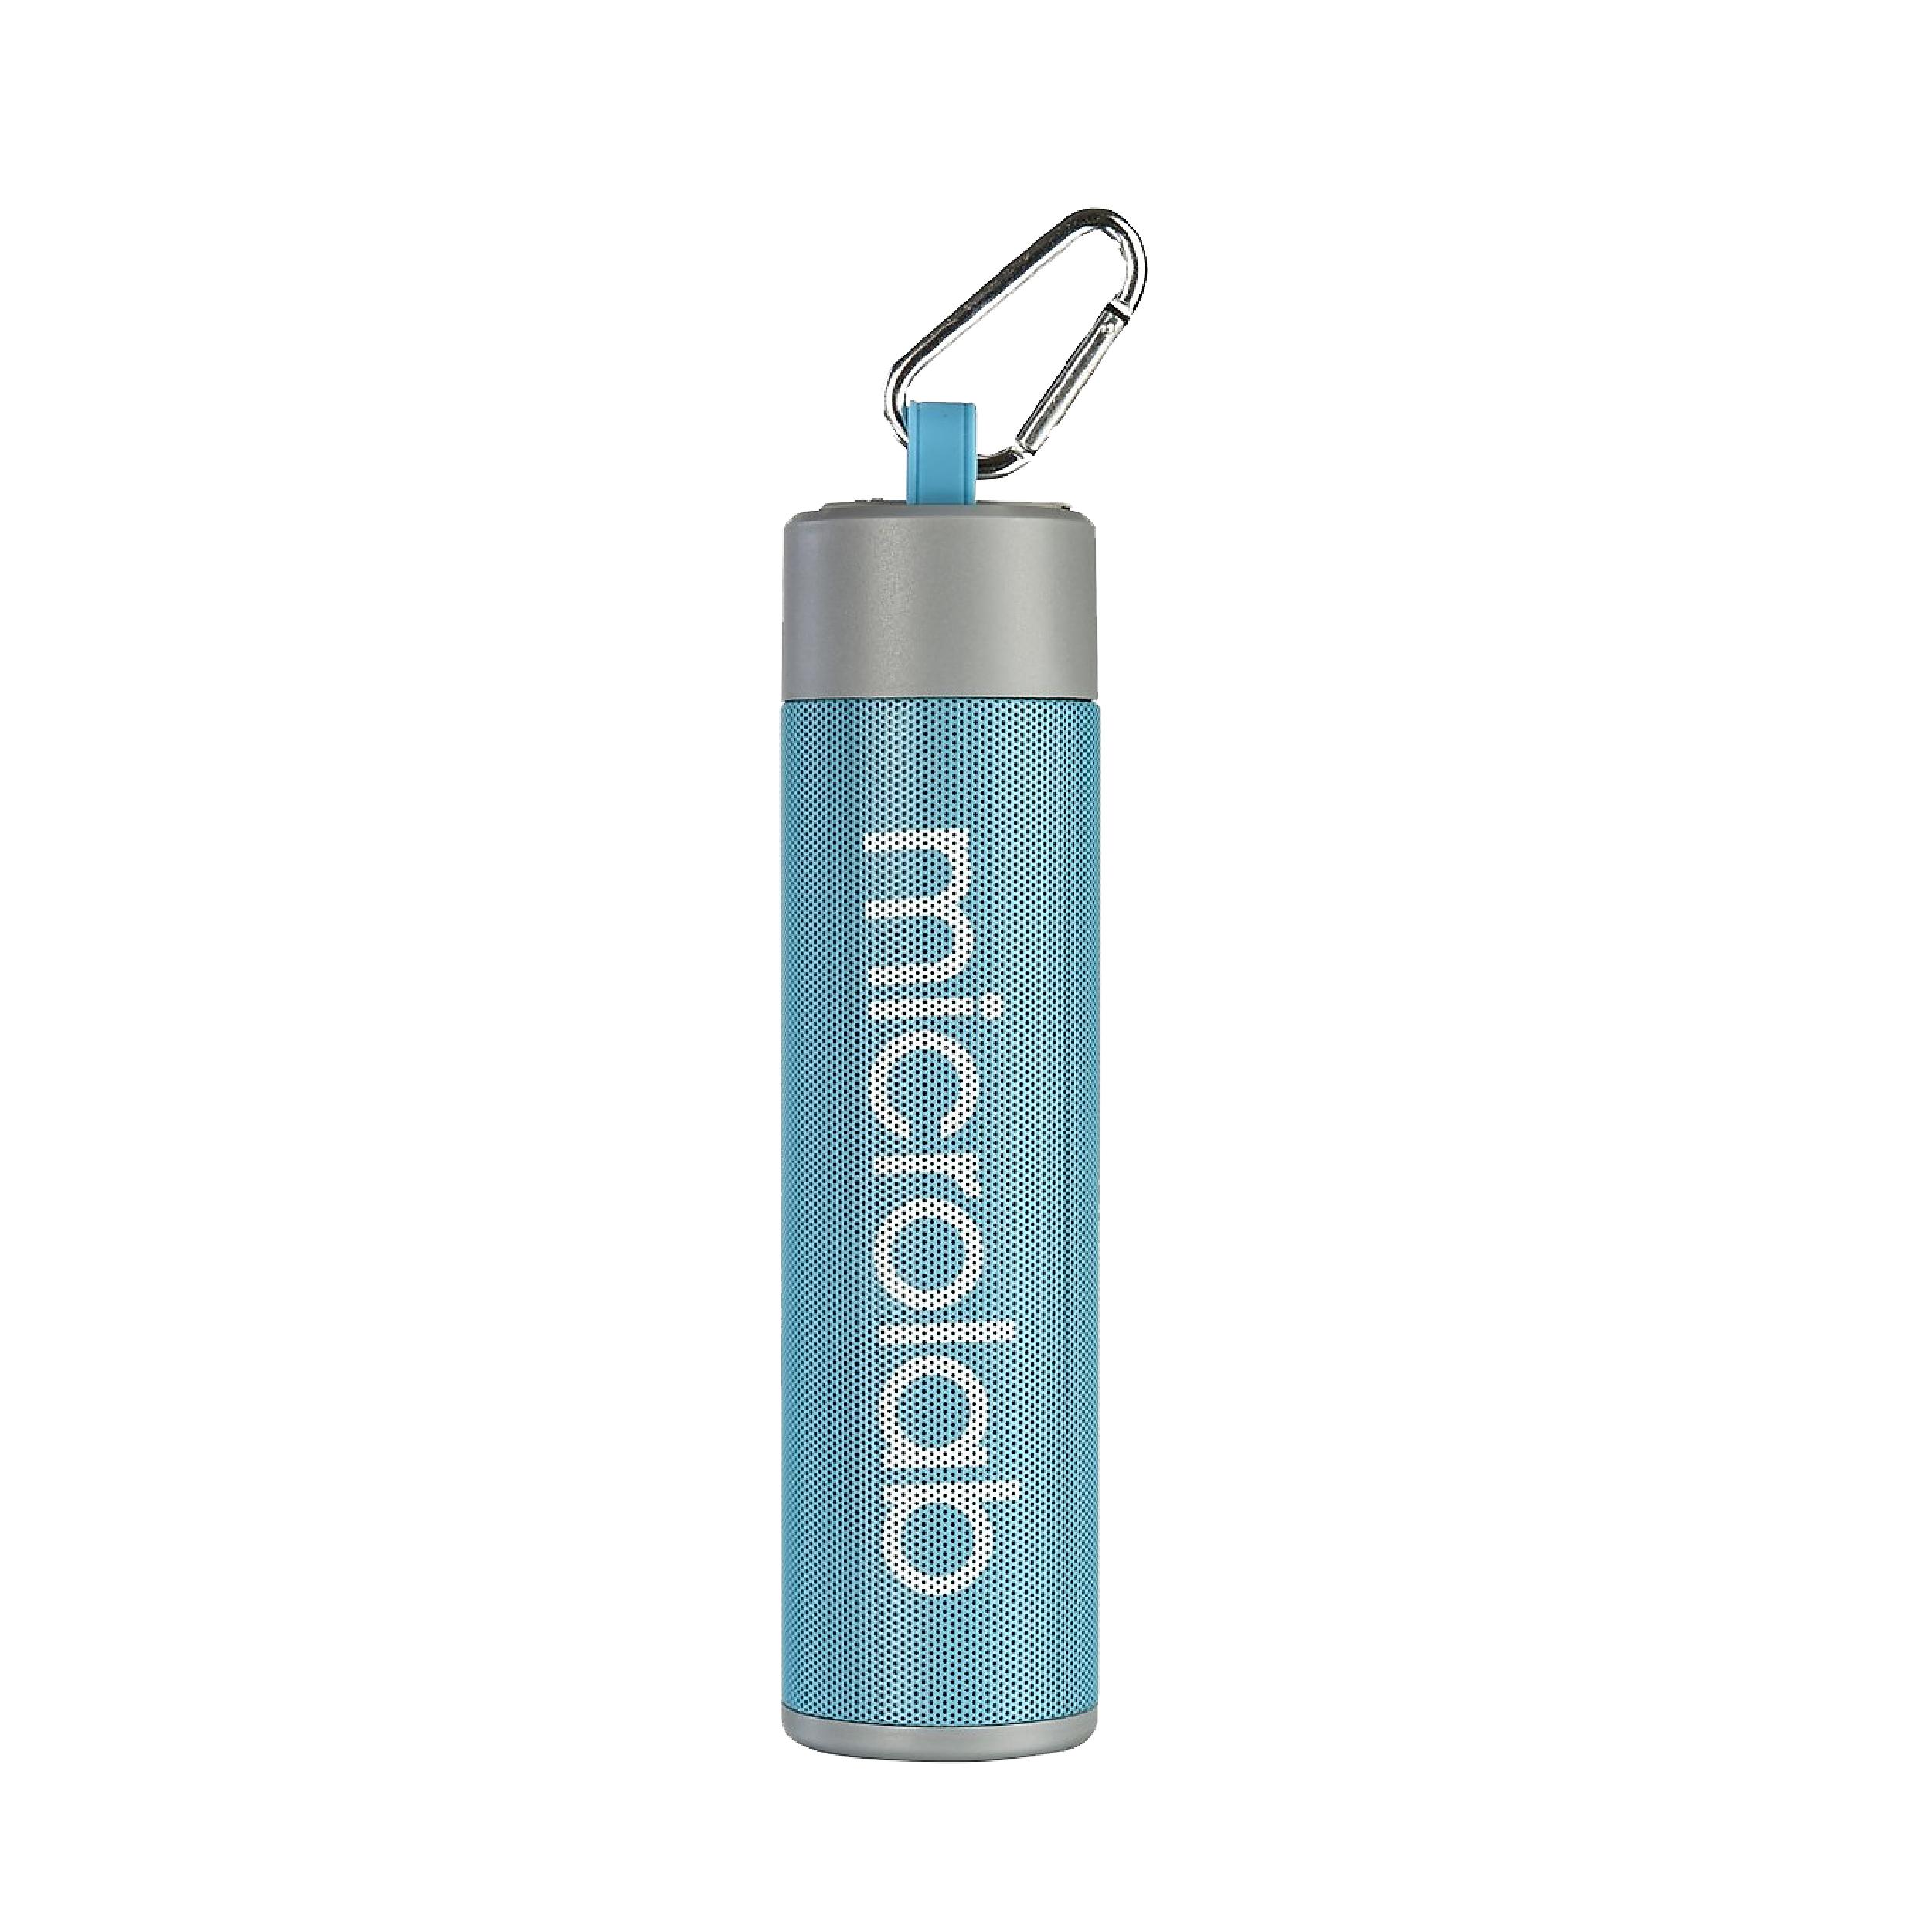 Zvucnik Microlab MD118 Blue